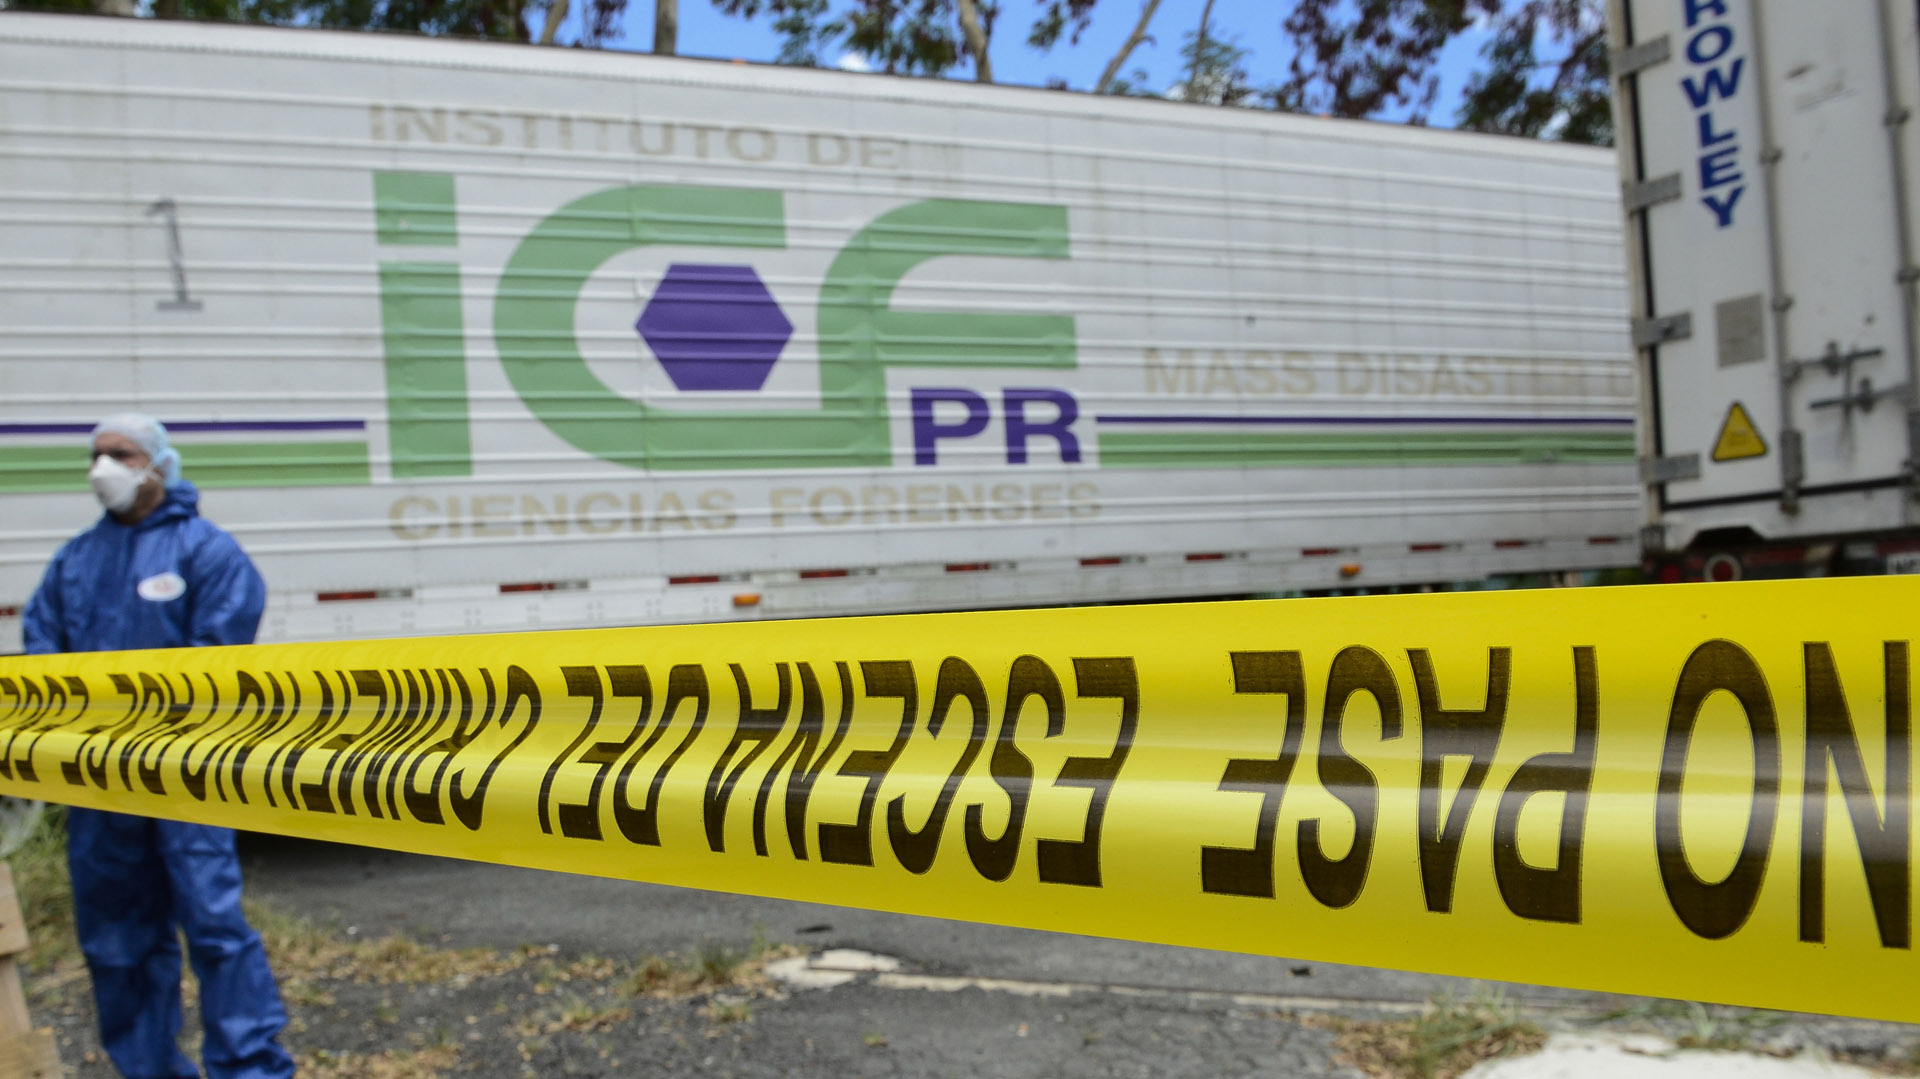 Vacían los vagones de cadáveres en Ciencias Forenses, indica la gobernadora